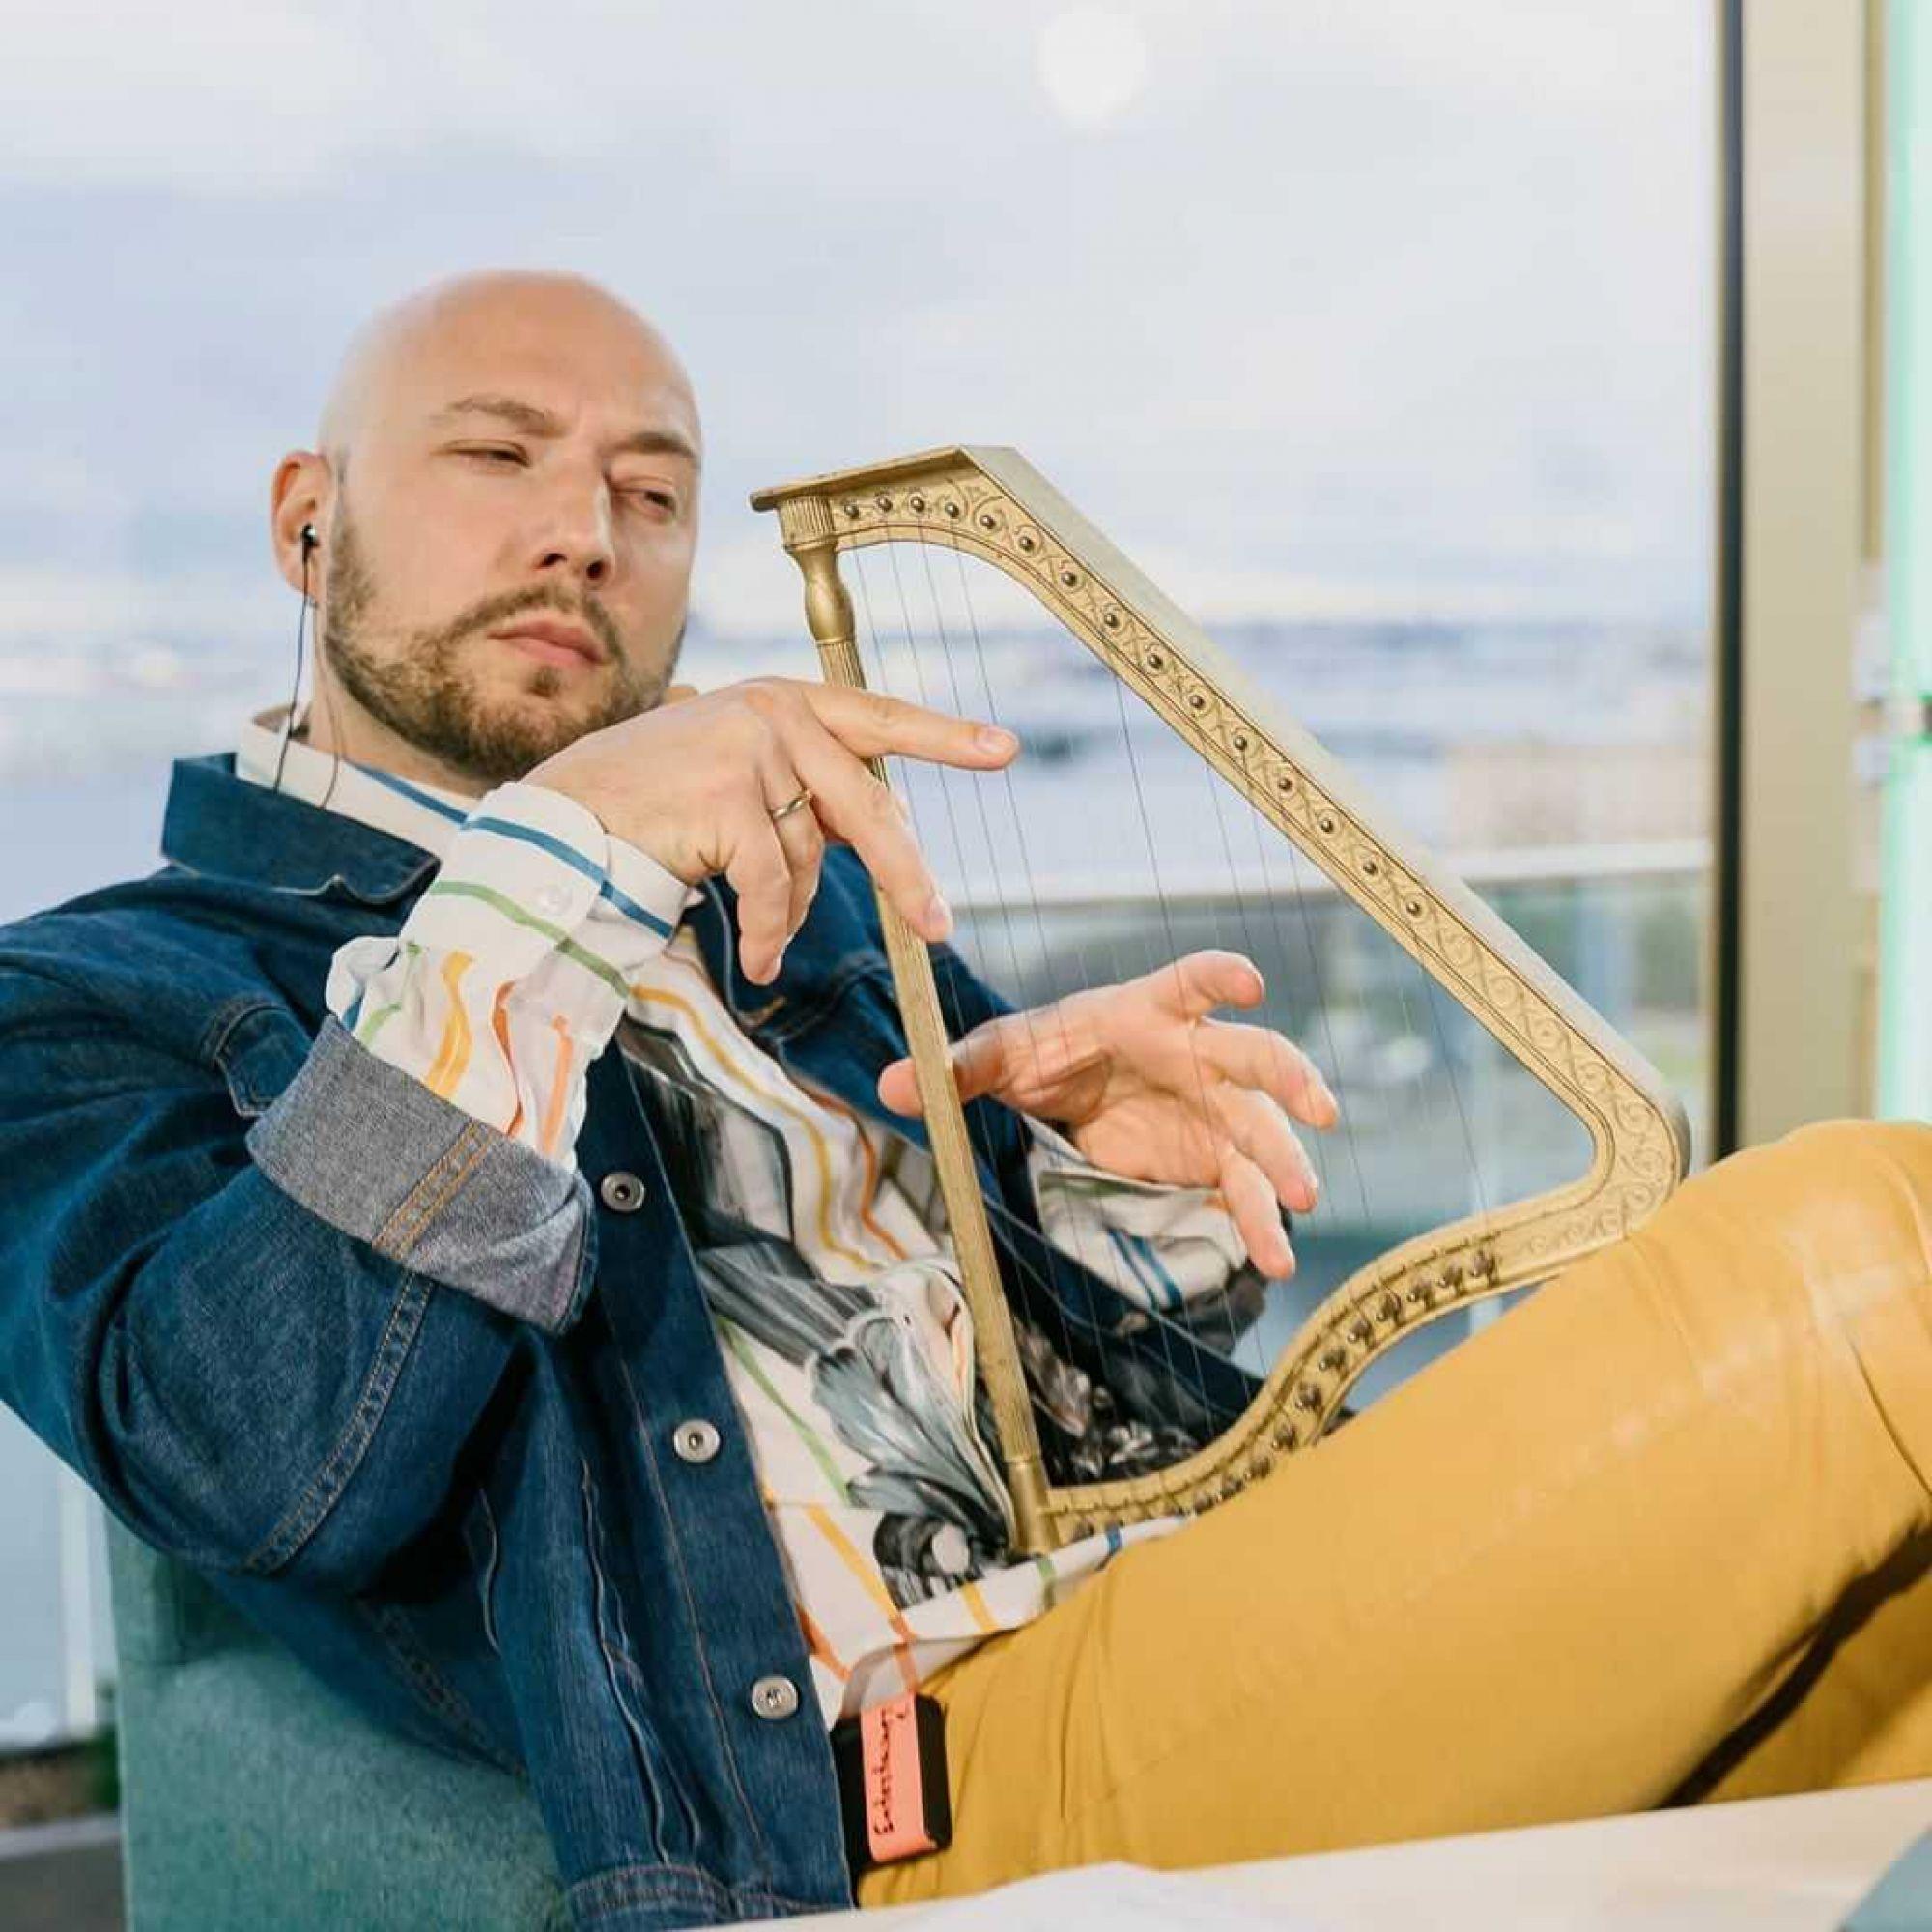 Владимир Маркони рассказал о процессе становления шоу Comment Out и своем гонораре на канале «Чикен Карри»